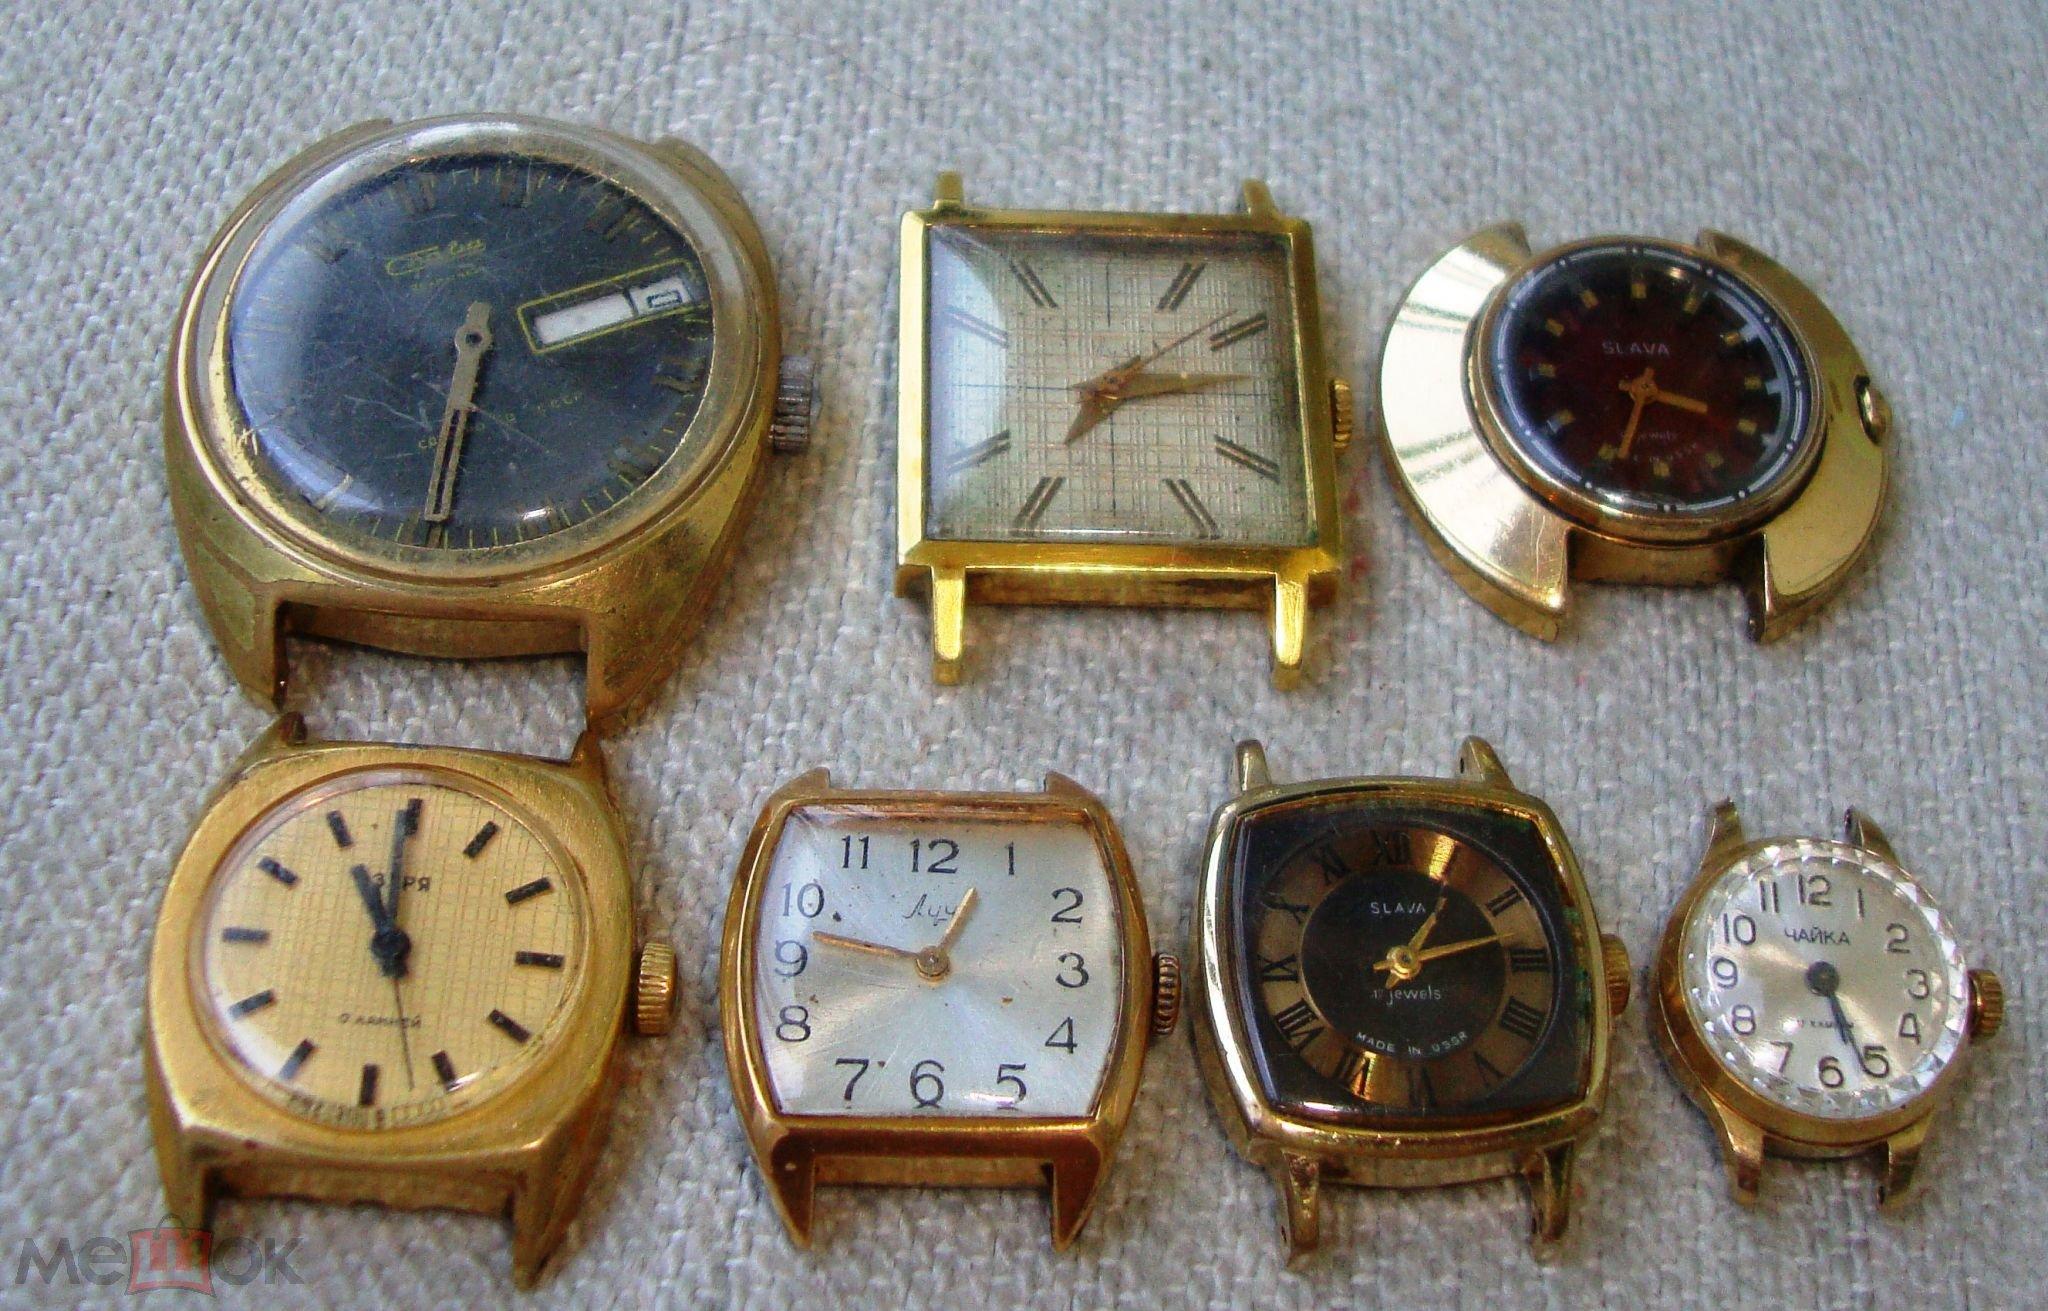 Винтажные позолоченные часы-медальон с рубинами.